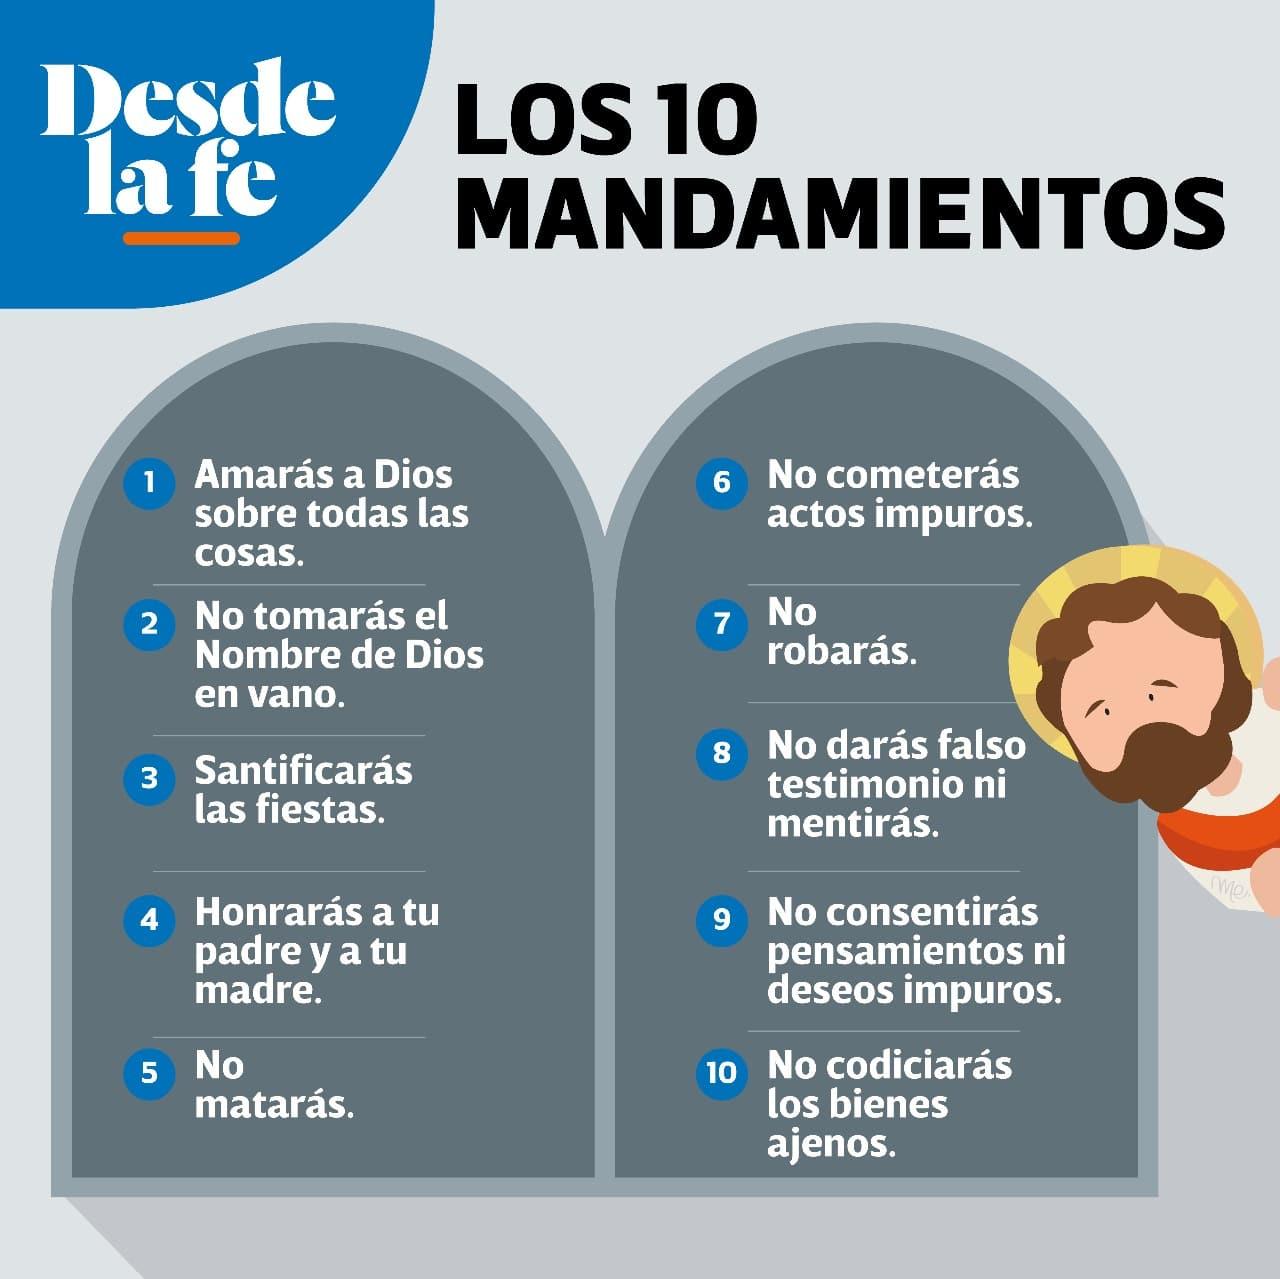 Los 10 Mandamientos.